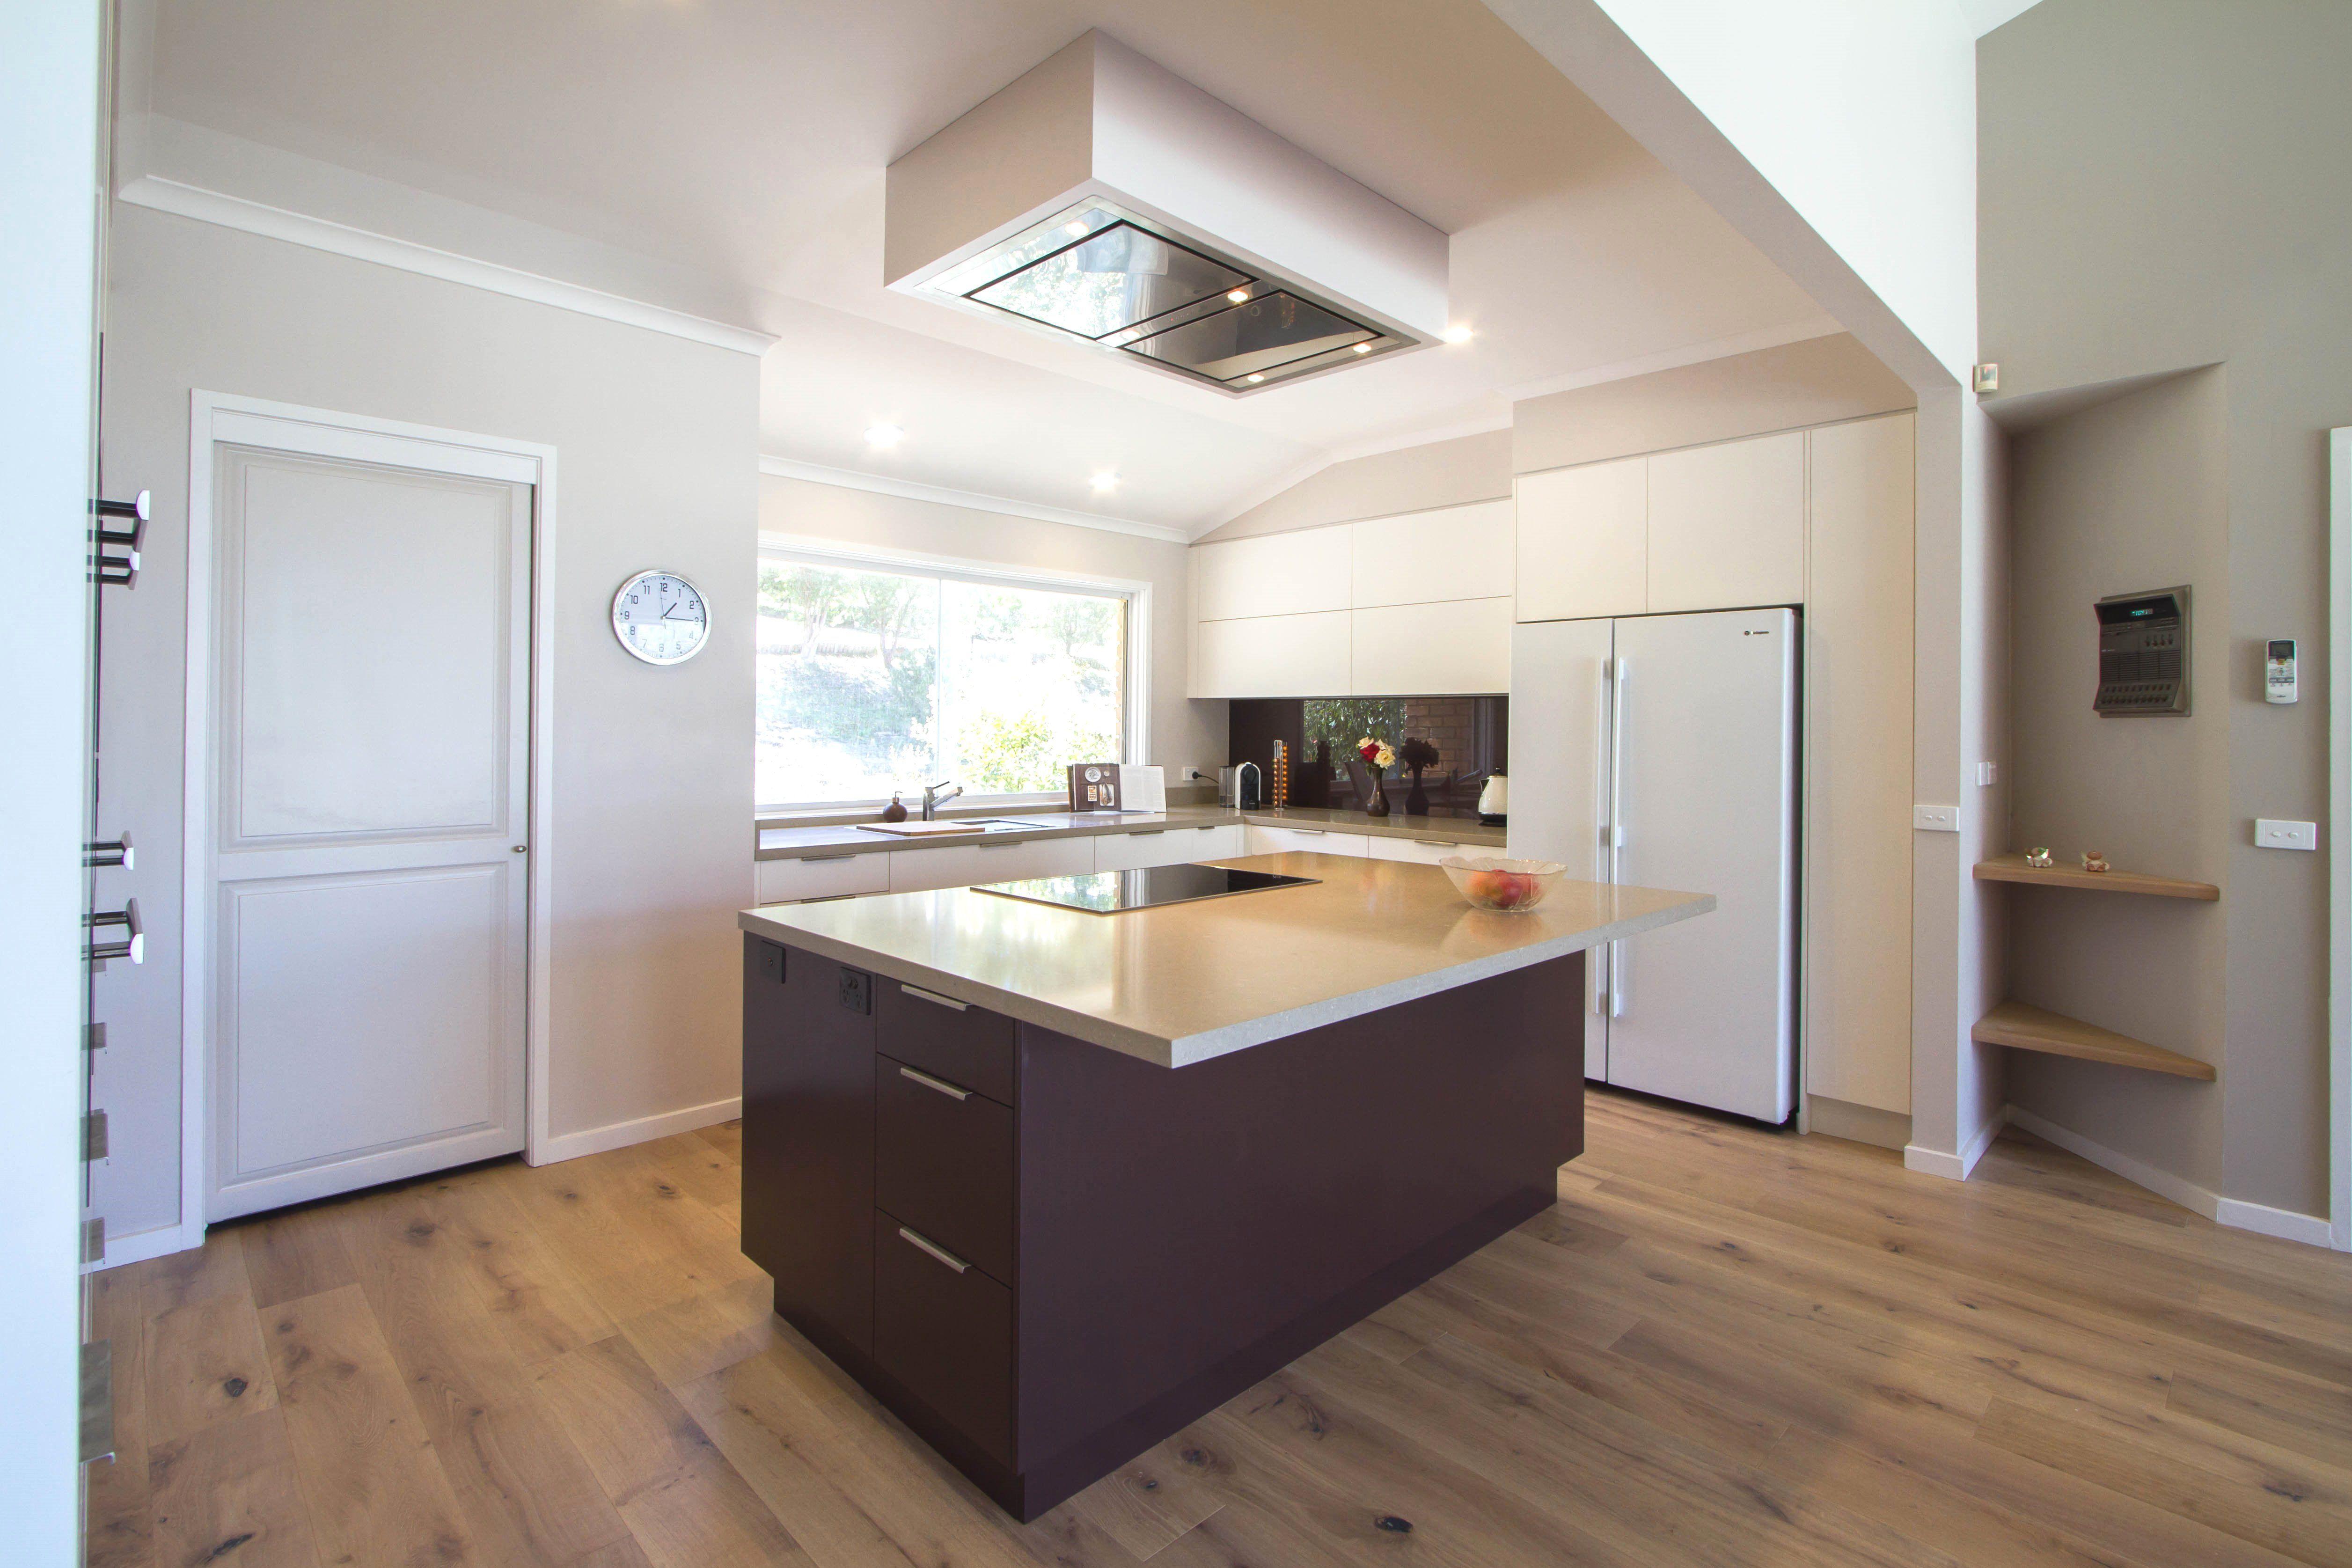 2 4230 Shitake™ - The Kitchen Design Centre   bench tops   Pinterest ...